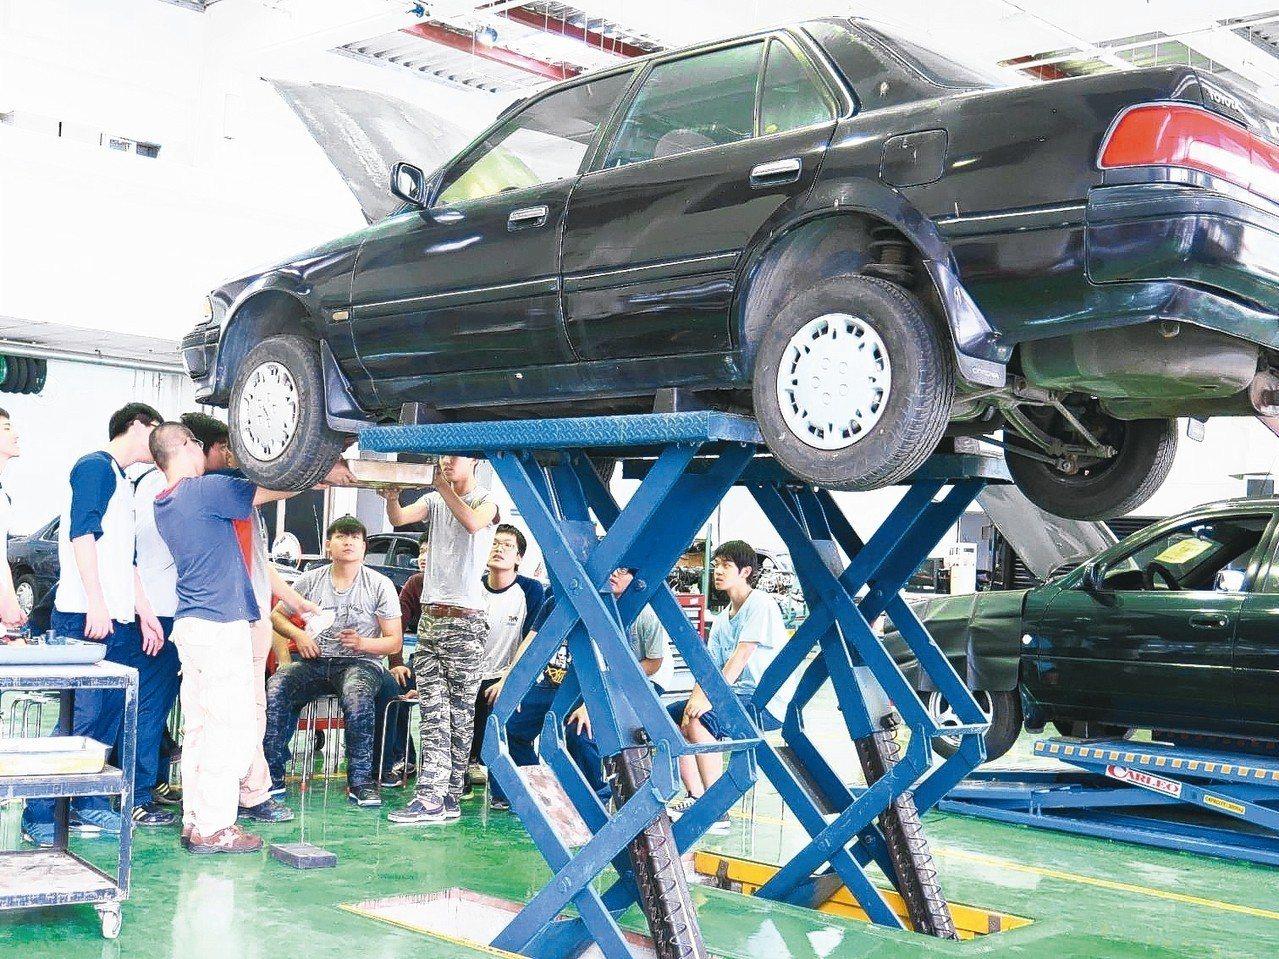 「車輛工程產學訓專班」學生接受職業技能培訓。 圖/聯合報系資料照片